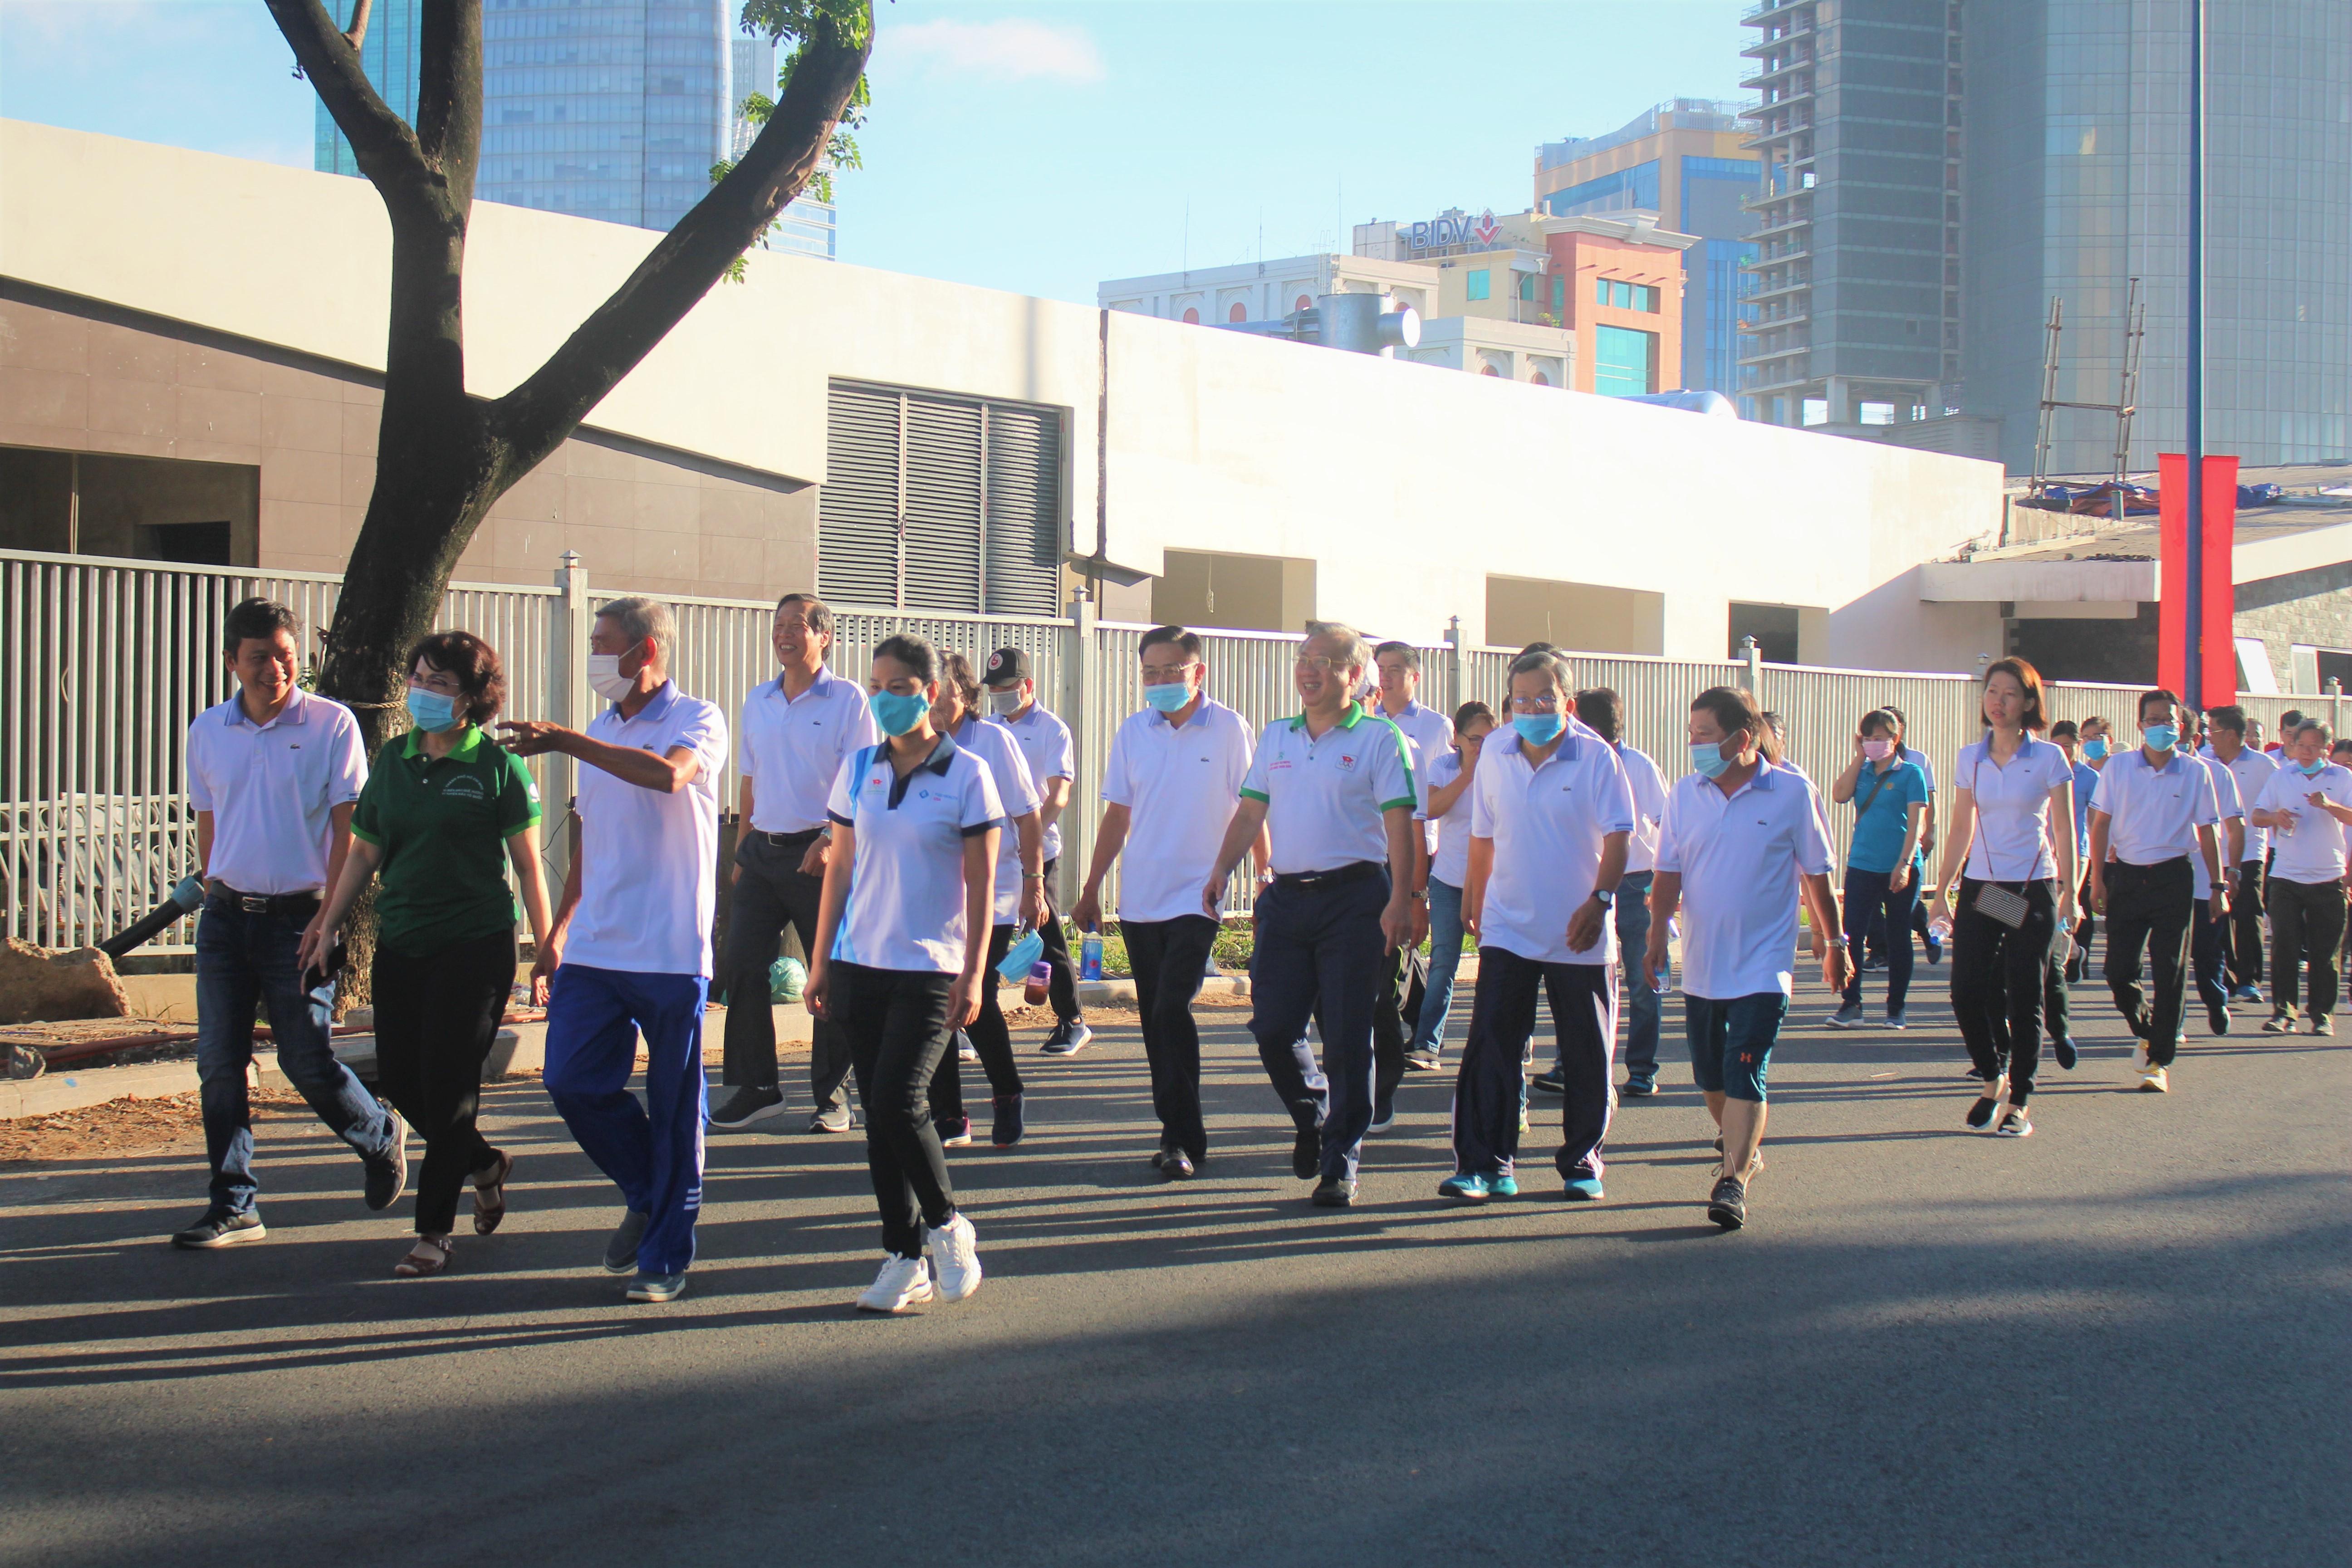 Hình ảnh: Quận 4: Nhộn nhịp ngày đi bộ truyền thống gây quỹ khuyến học lần XV số 8